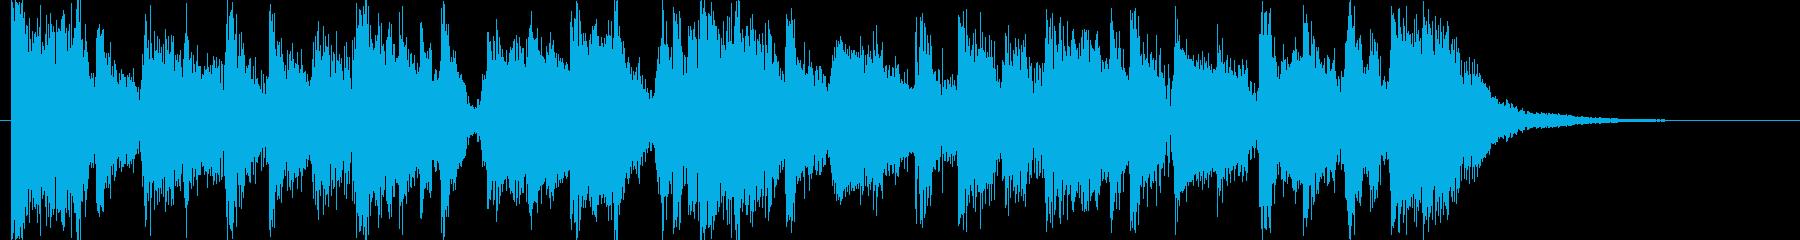 コーナータイトル_ファンキーチャイナの再生済みの波形